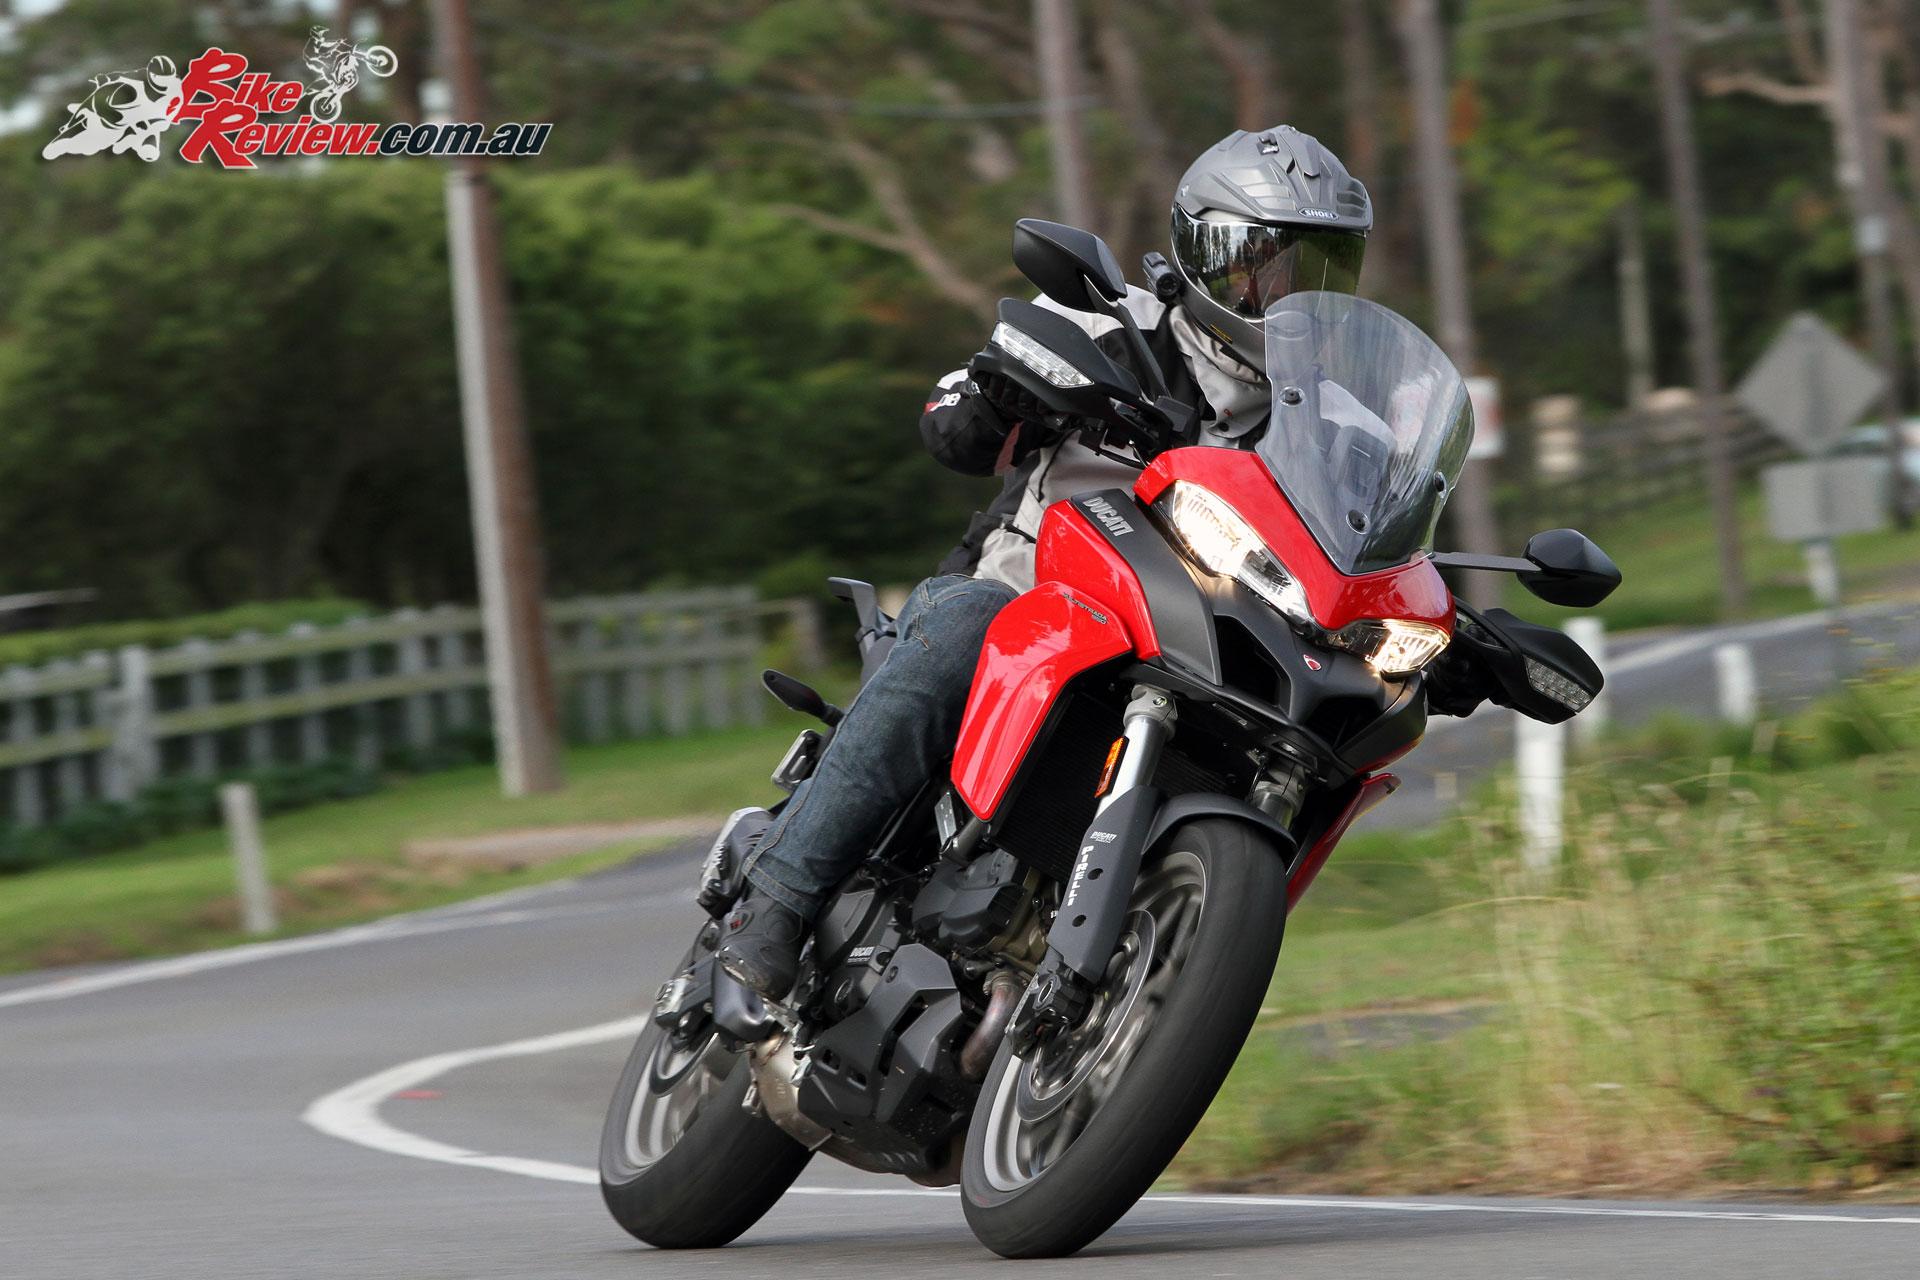 Review 2017 Ducati Multistrada 950 Bike Review